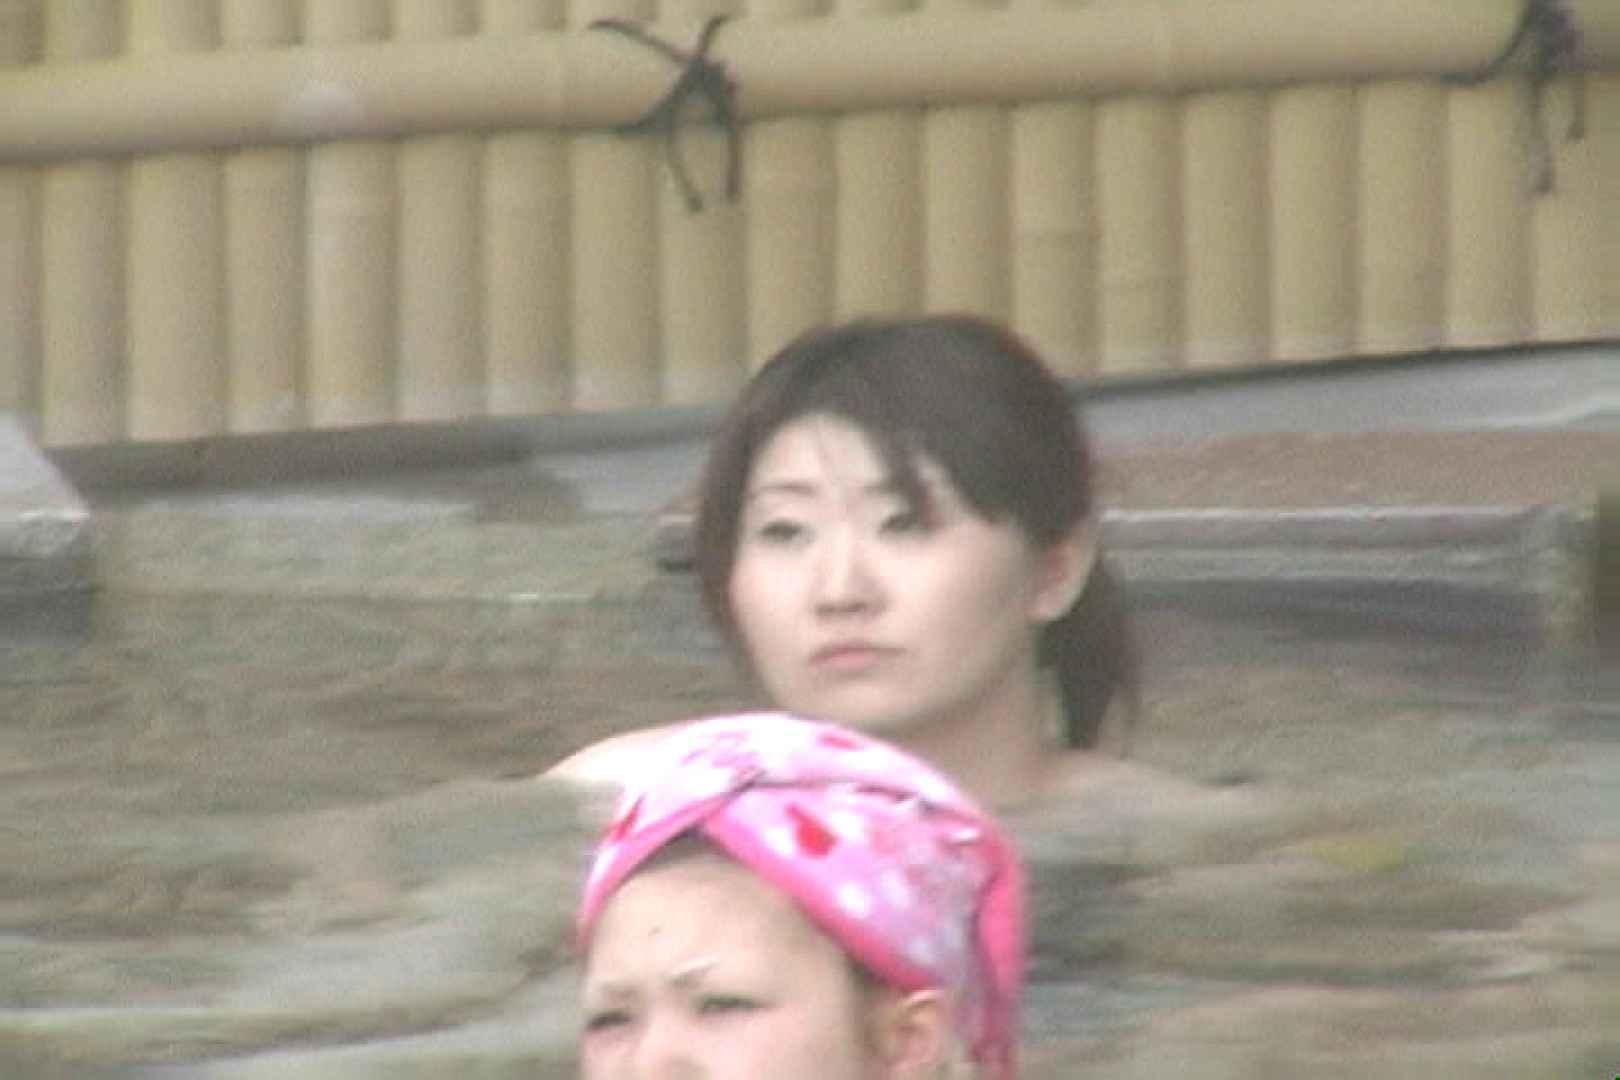 Aquaな露天風呂Vol.25 露天   盗撮特集  106画像 34